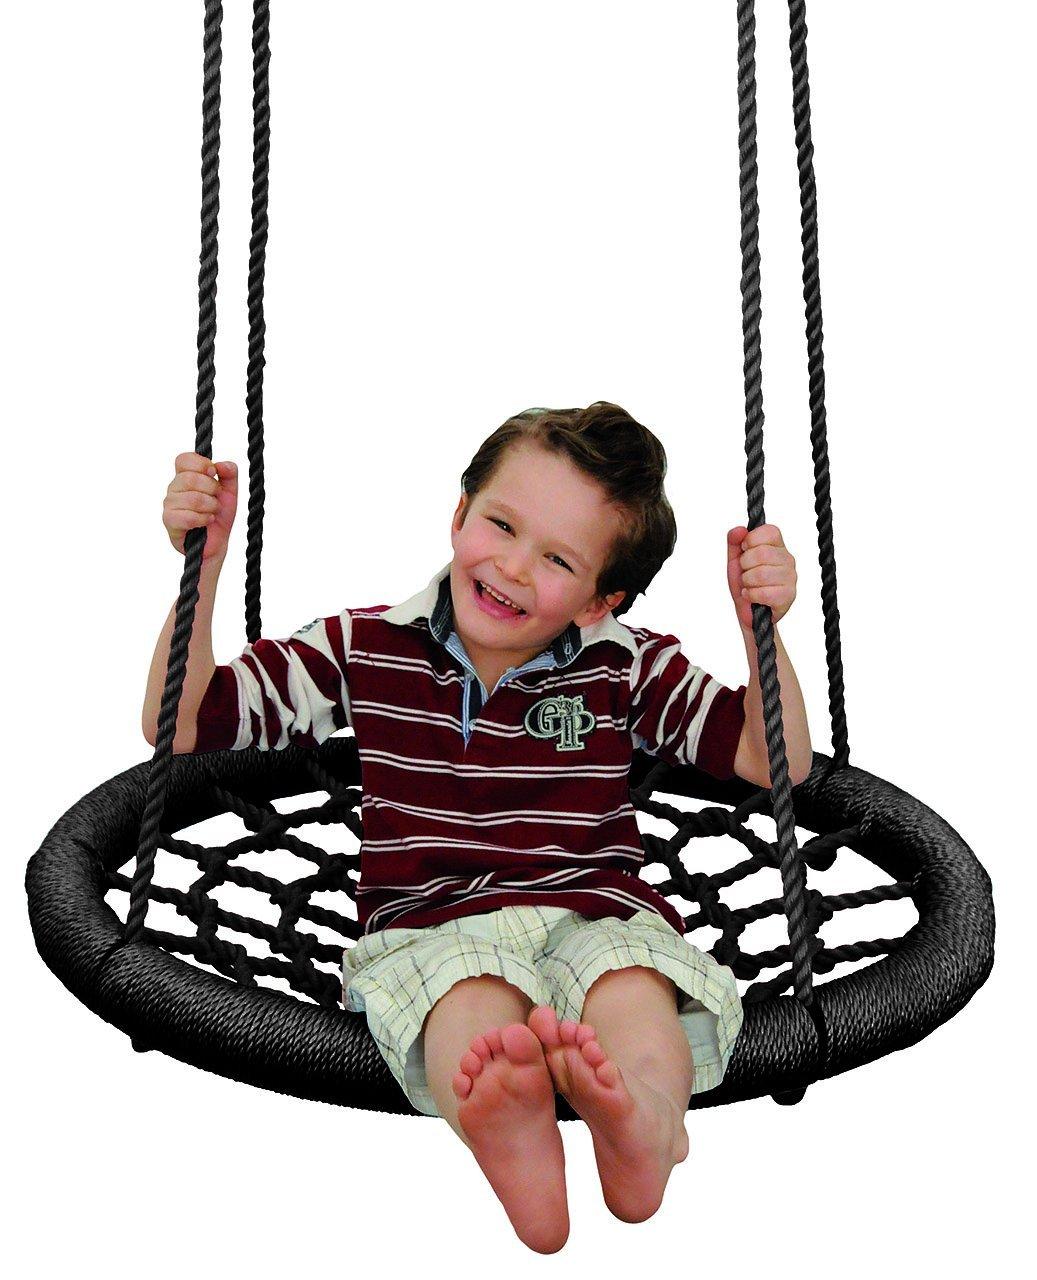 Rundschaukel / Netzschaukel - rund - XL Schaukel - bis 100 kg belastbar - für Kinder & Erwachsene - Seile 18 mm stark - Swing Schaukel - Tellerschaukel - Nestschaukel - Gitterschaukel - für Außen + Innen - Kinderschaukel / Babyschaukel / für Baby - Spinnennetz